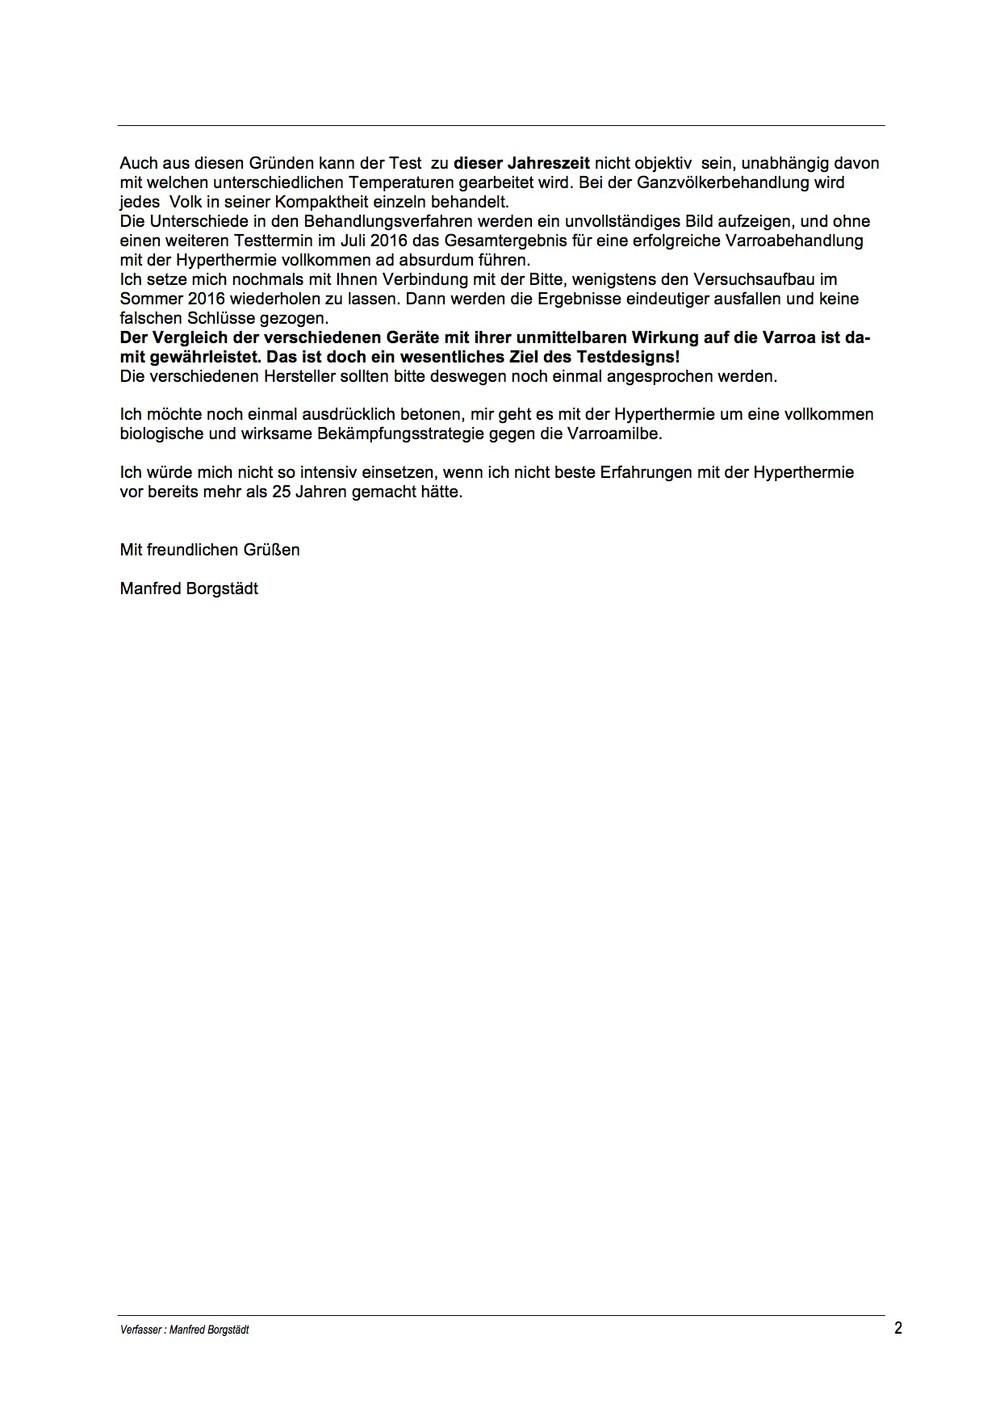 II 150915 Schreiben Bayerisches  Staatsministerium.jpg